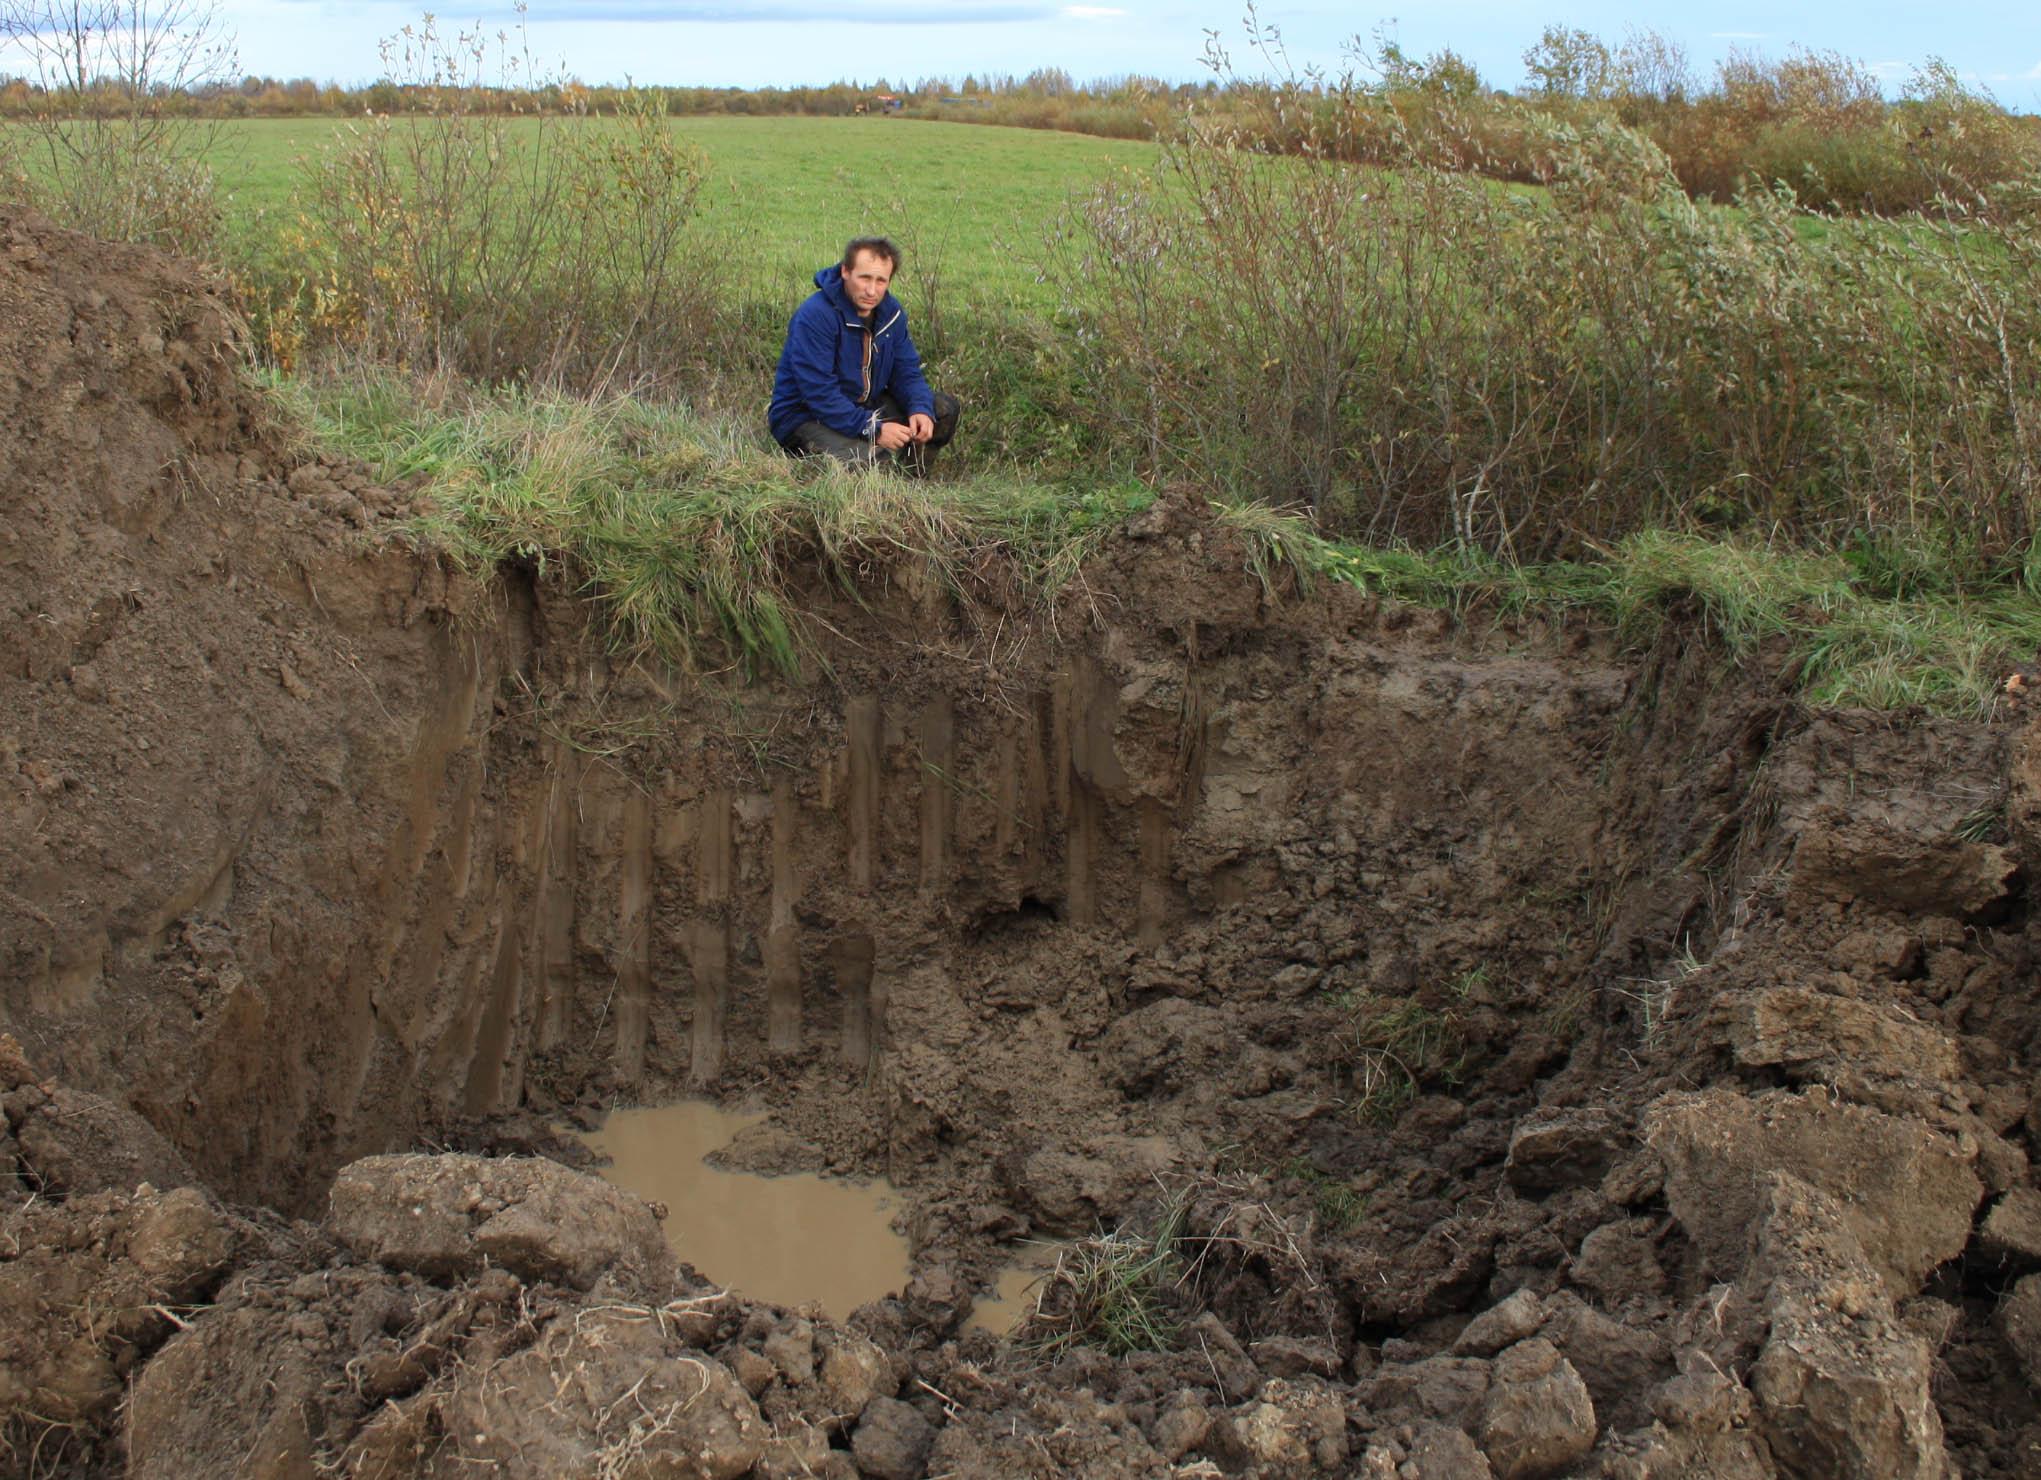 Вот такую картину обнаружил Александр Санжаровский на своей земле. Фото: Черника